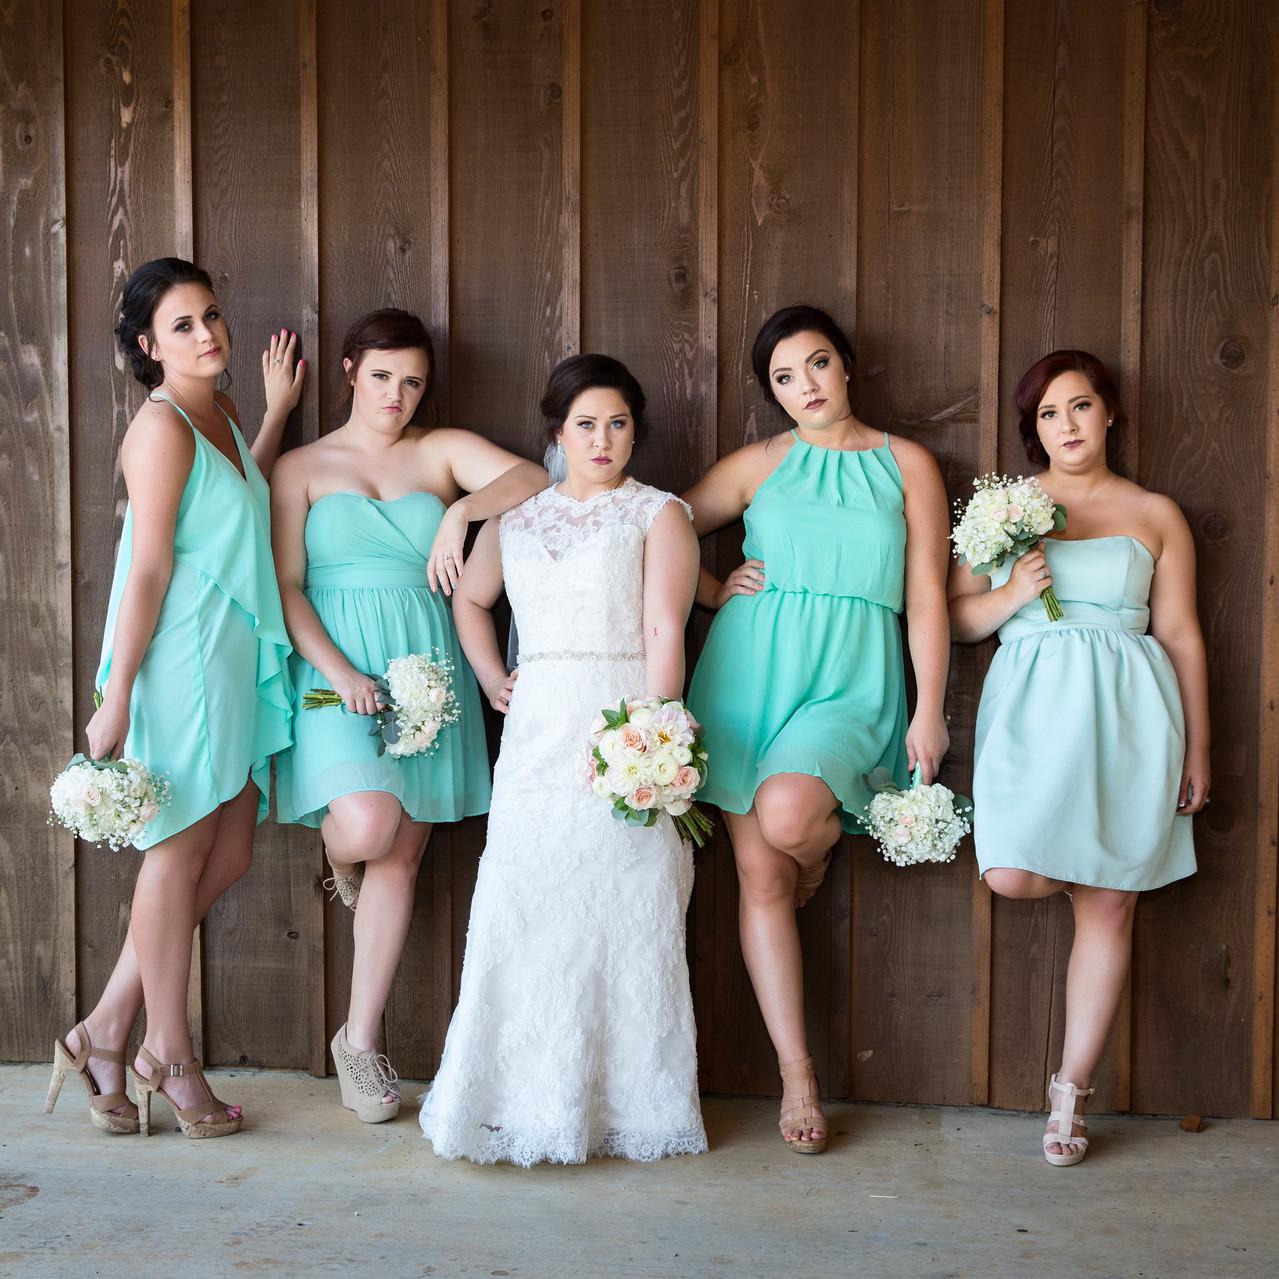 0519 2 - C Details_Wedding Day